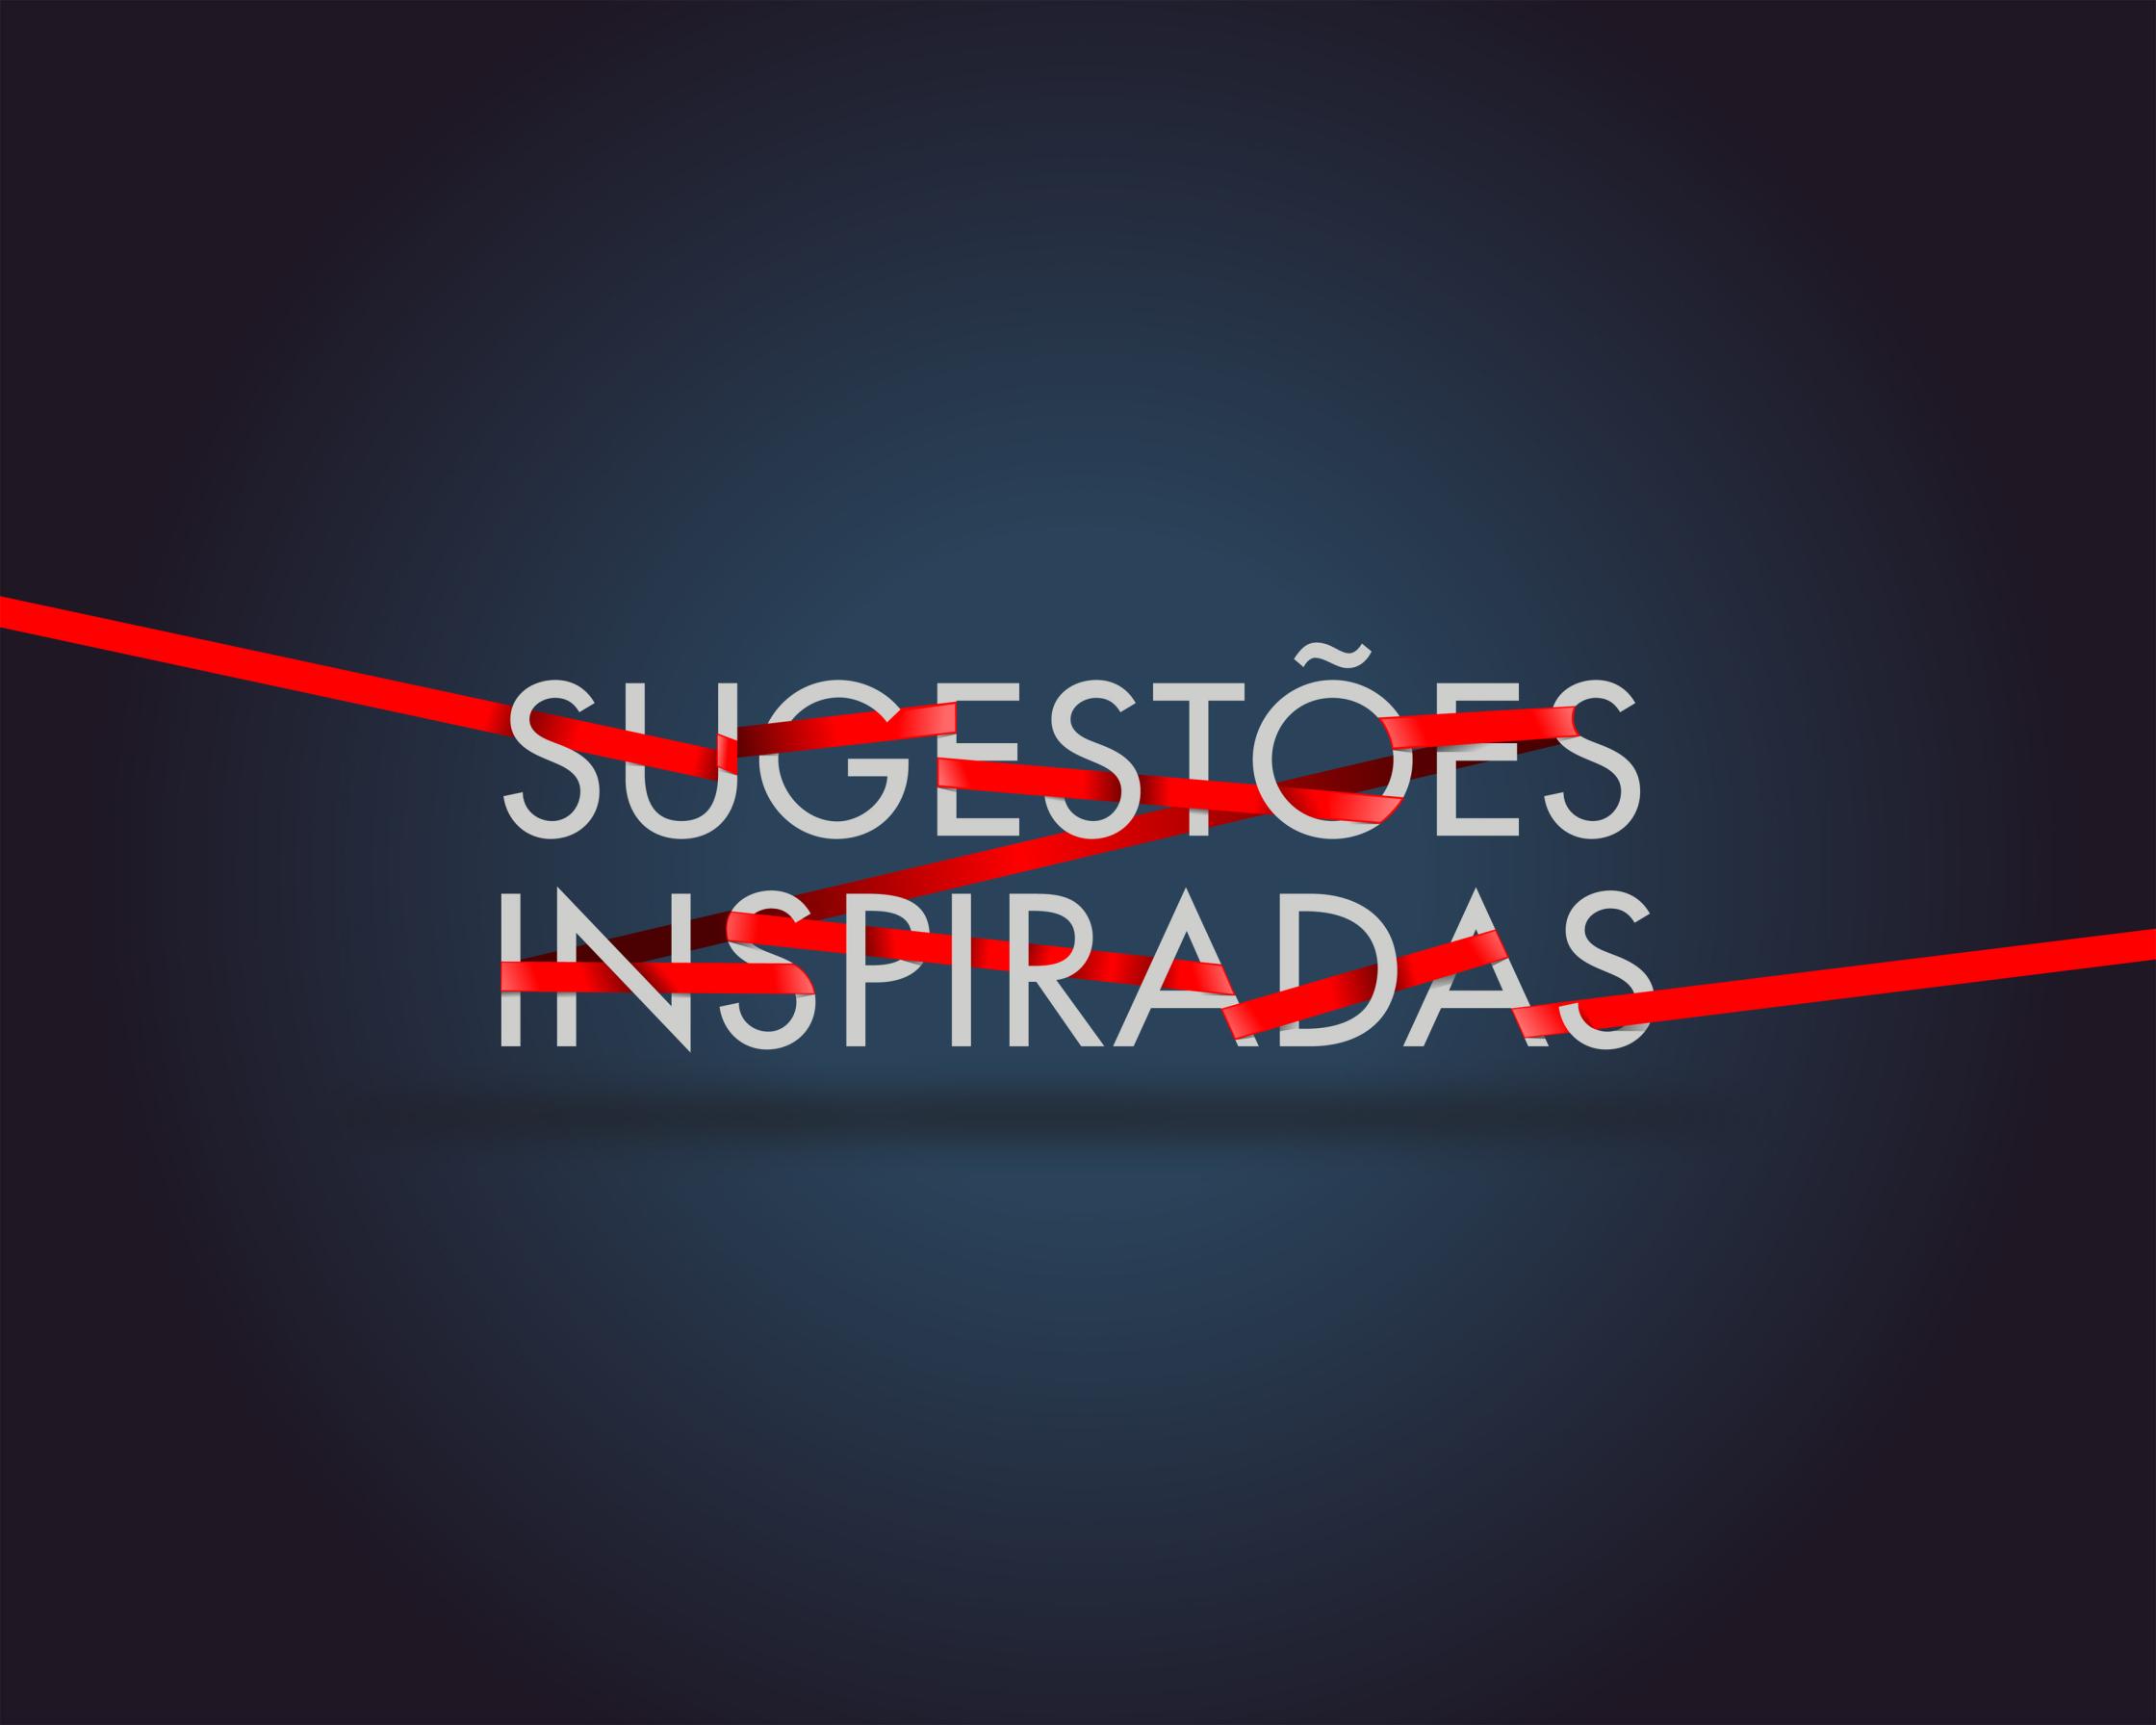 Sugestoes Inspiradas